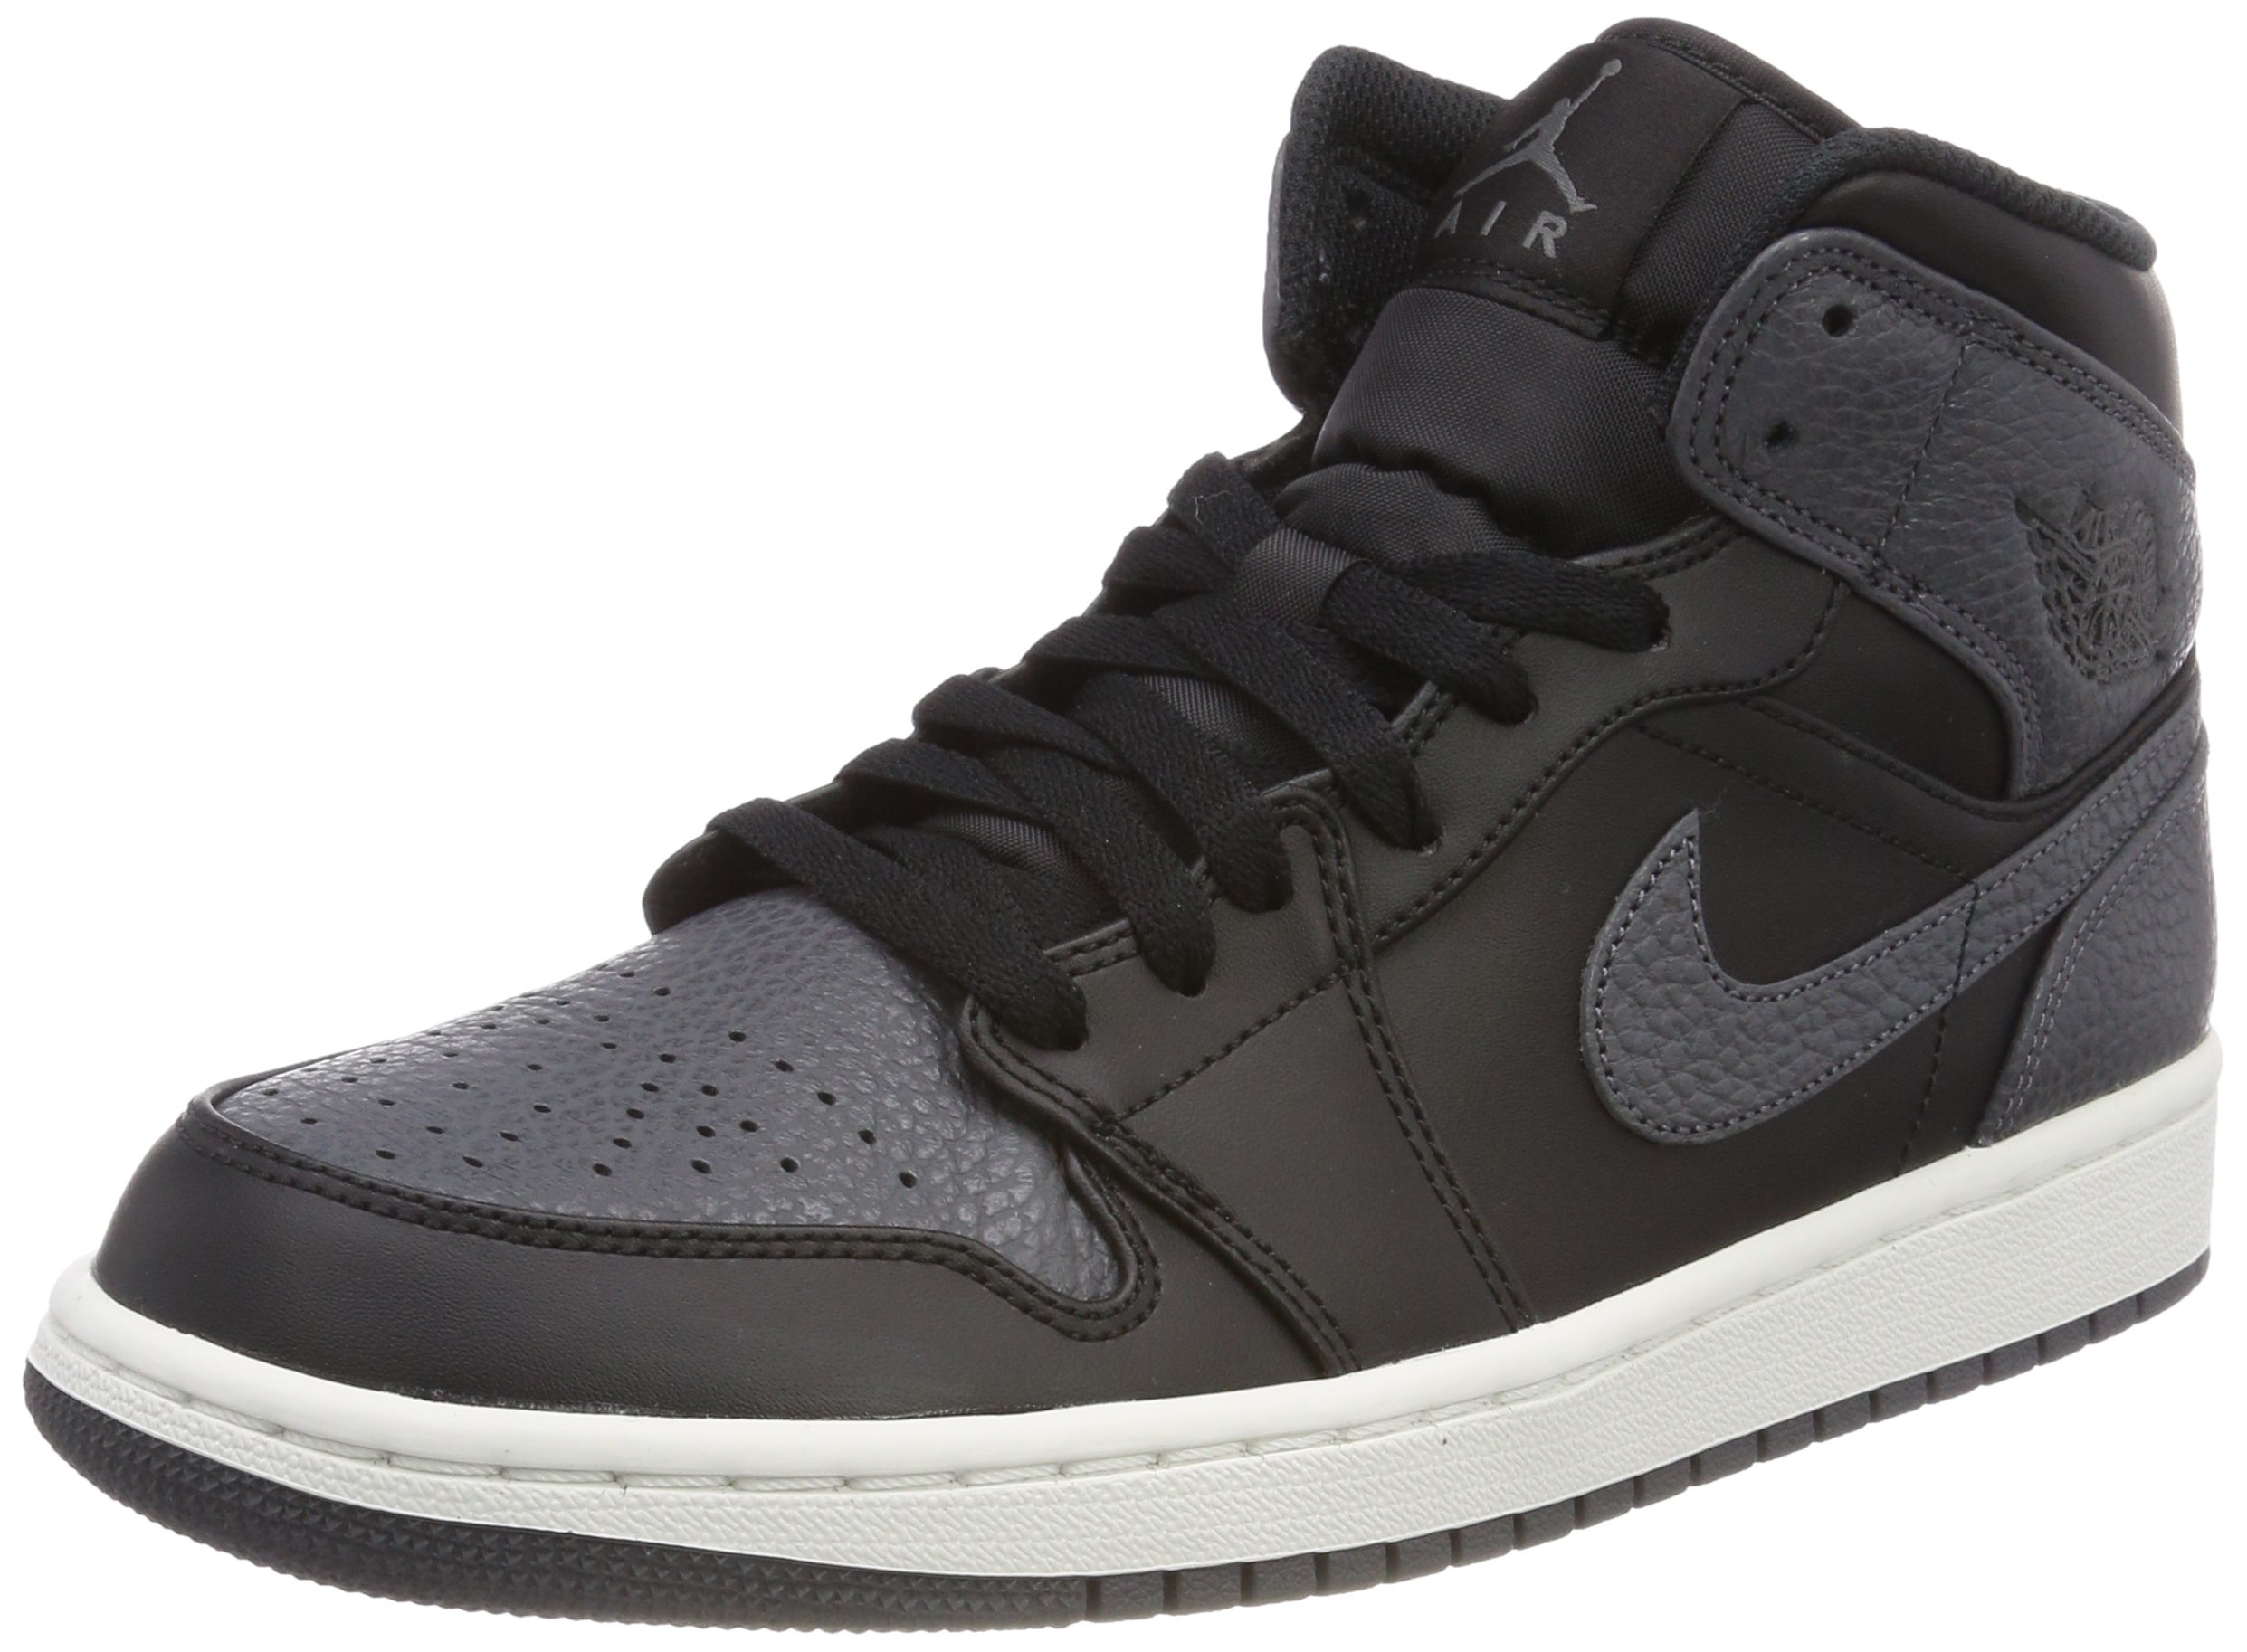 Buy Jordans Now!